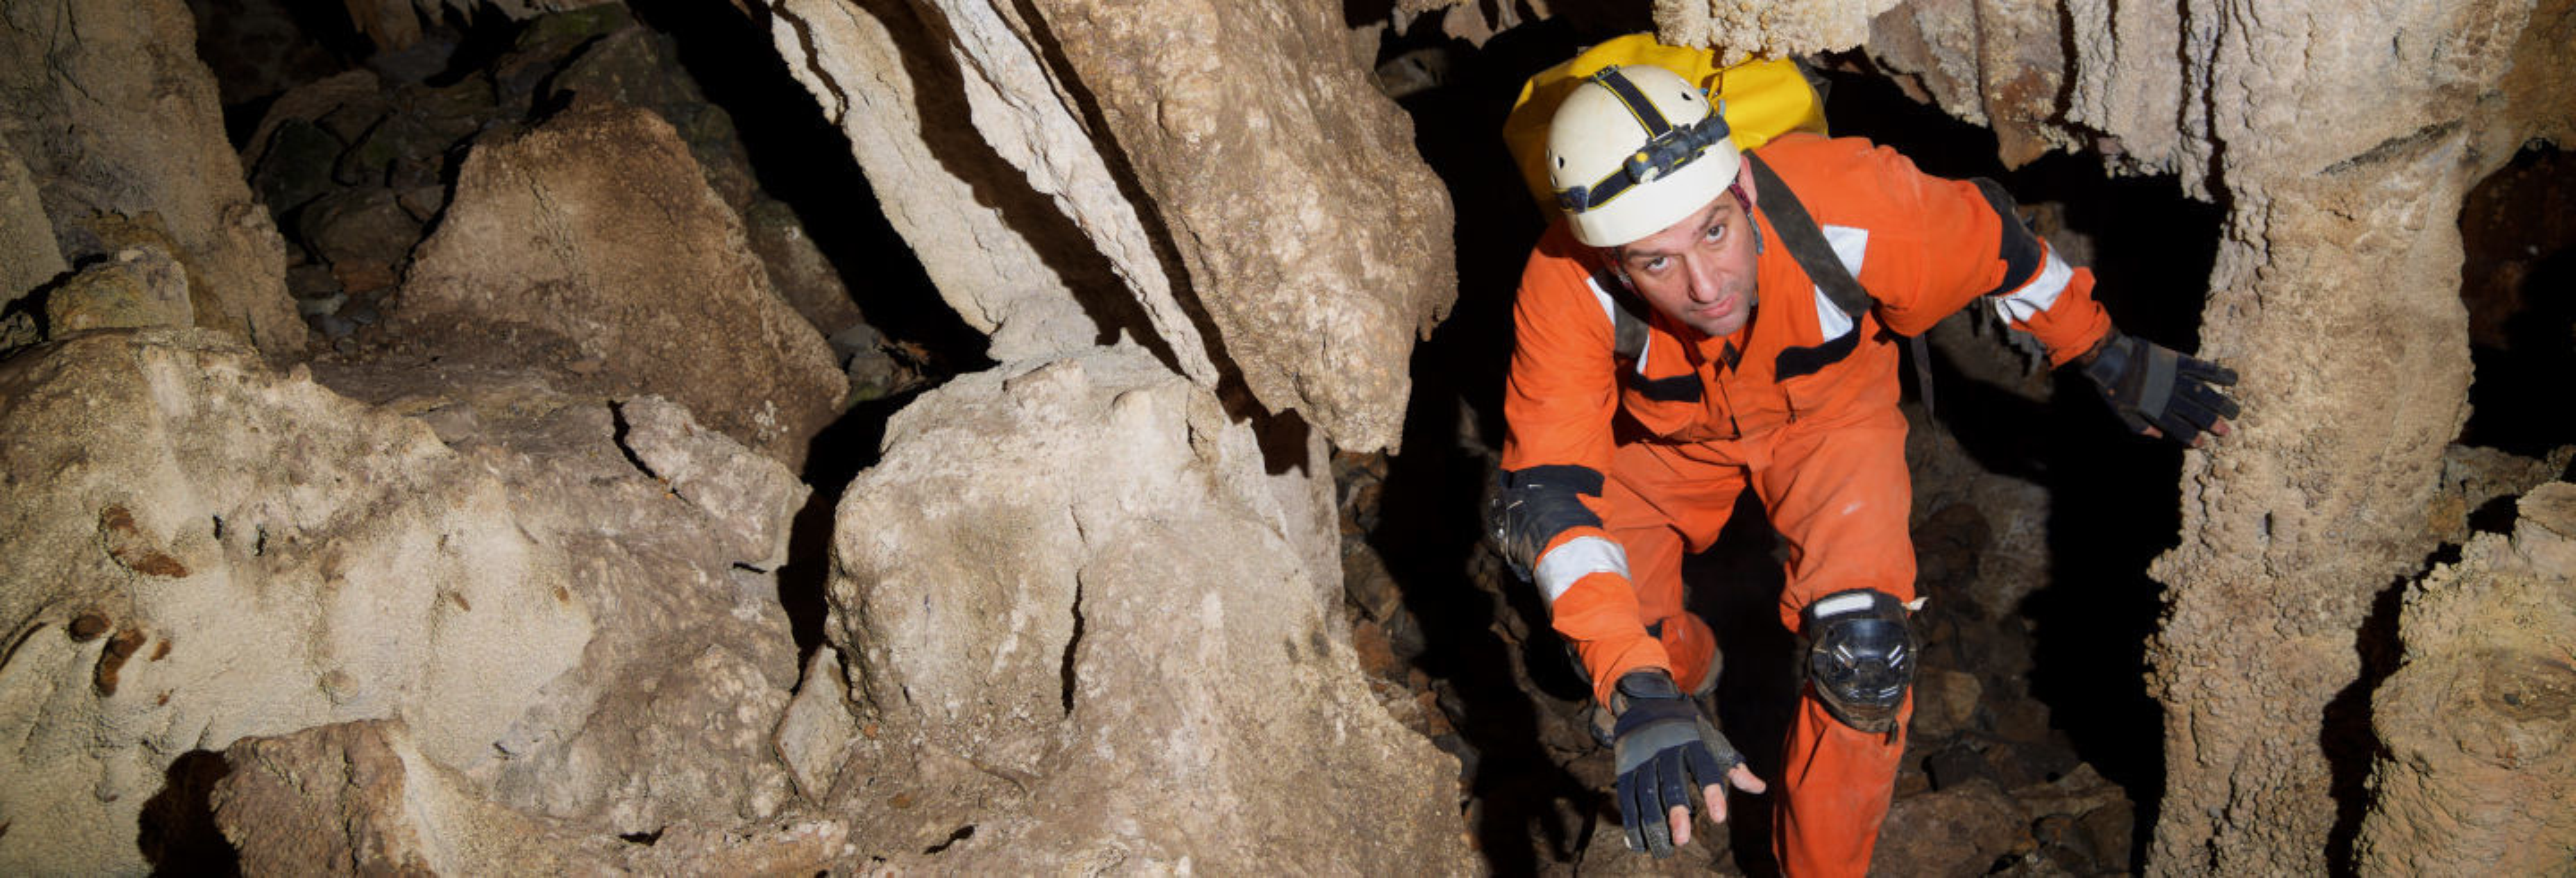 Espeleologia na Cueva de la Plata